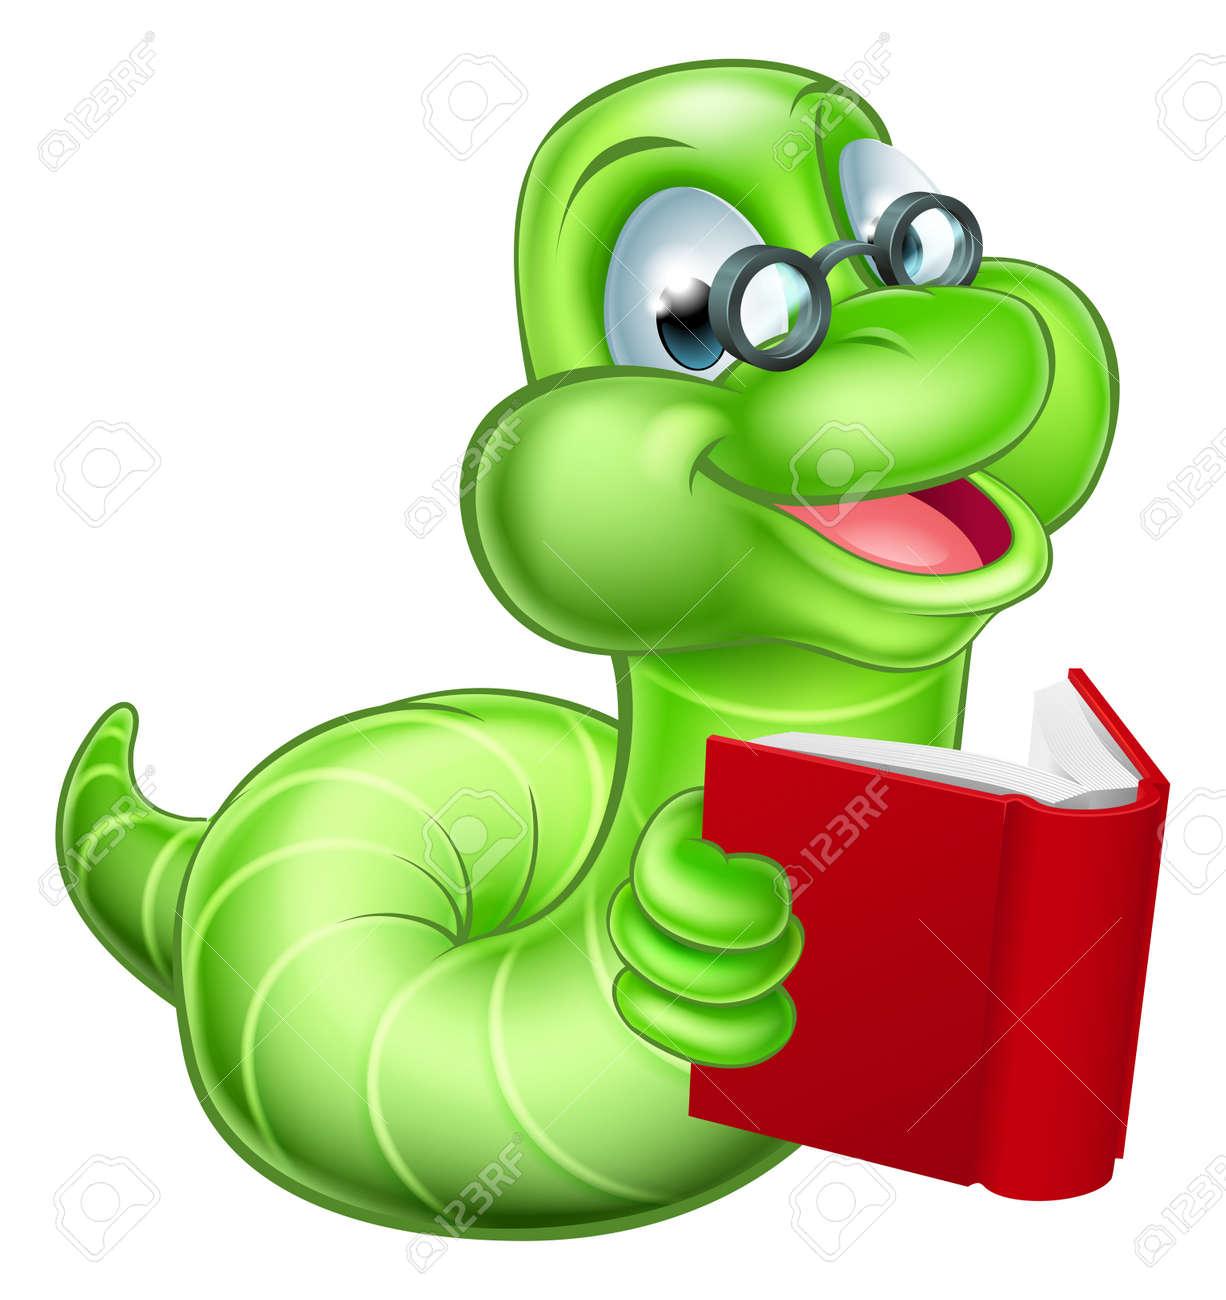 Bücherwurm clipart  Nette Lächelnde Grüne Raupe Cartoon-Wurm Bücherwurm Mit Brille Ein ...